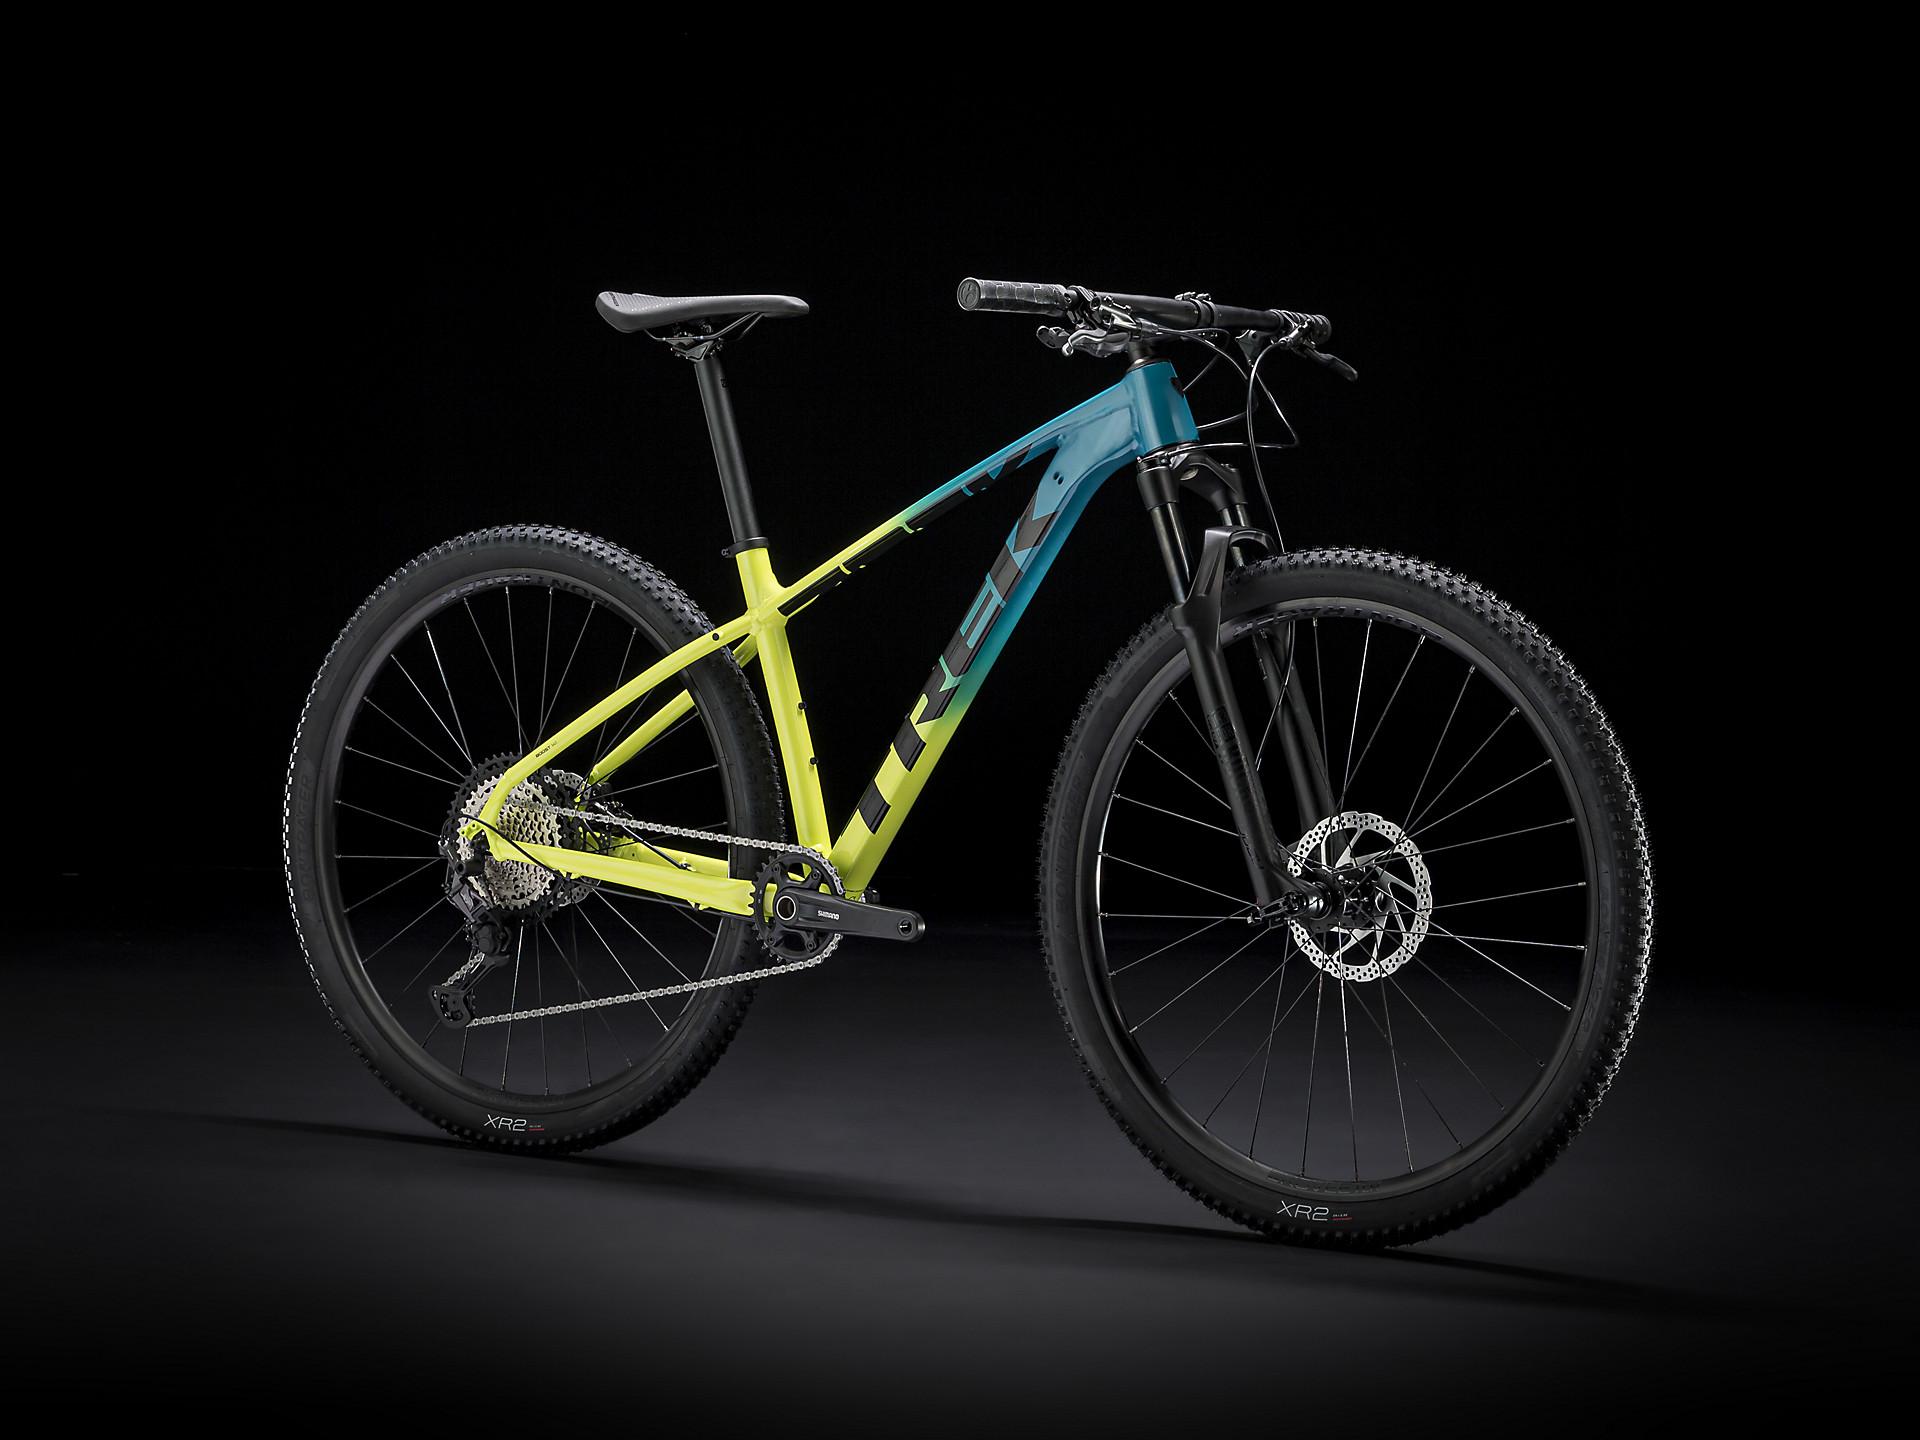 X Caliber 9 Trek Bikes